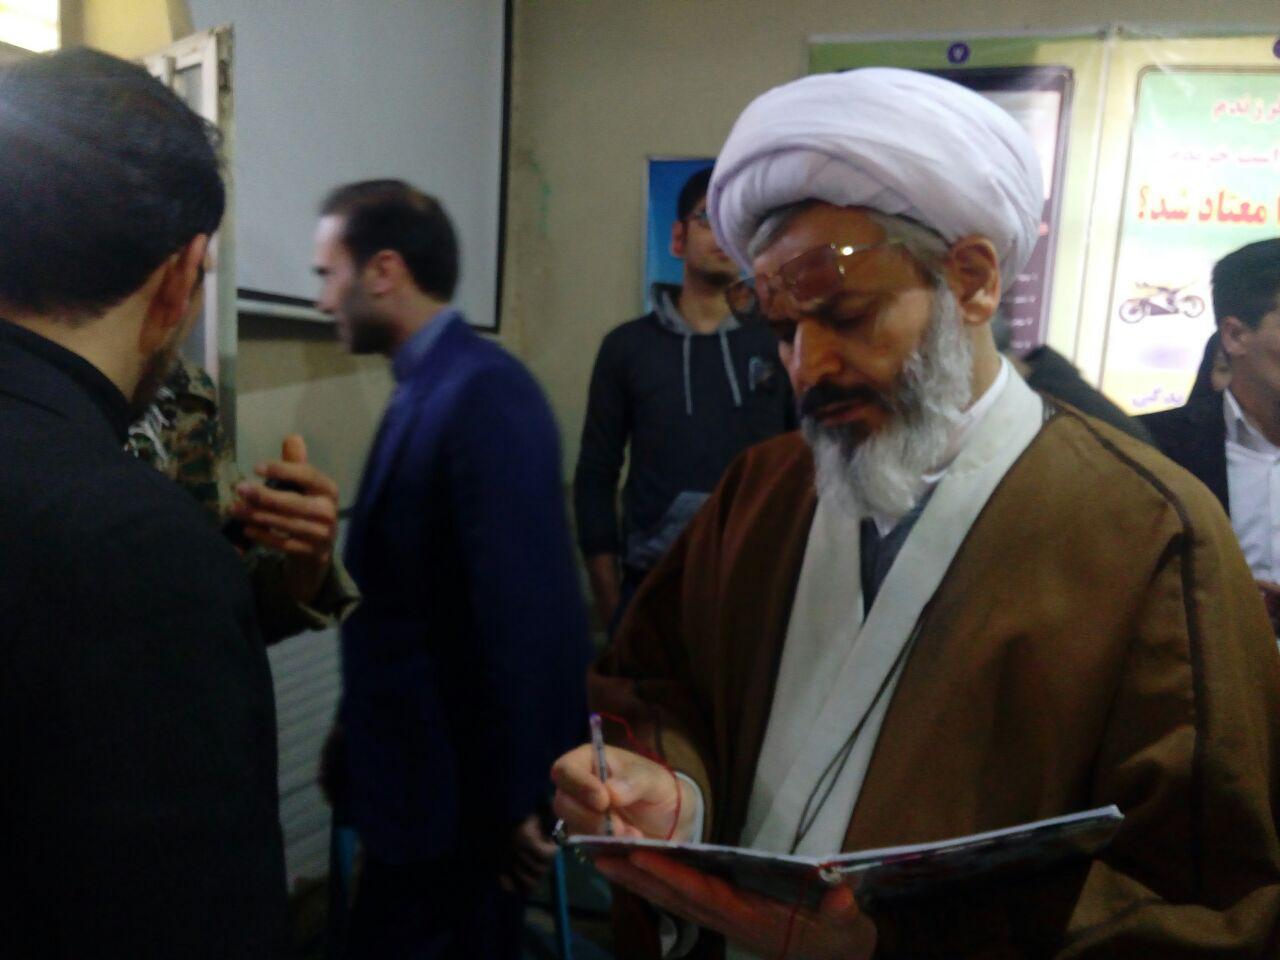 نوشتن یادگاری در دفتر نمایشگاه نه به اعتیاد توسط امام جمعه محترم شهر قهدریجان و فلاورجان